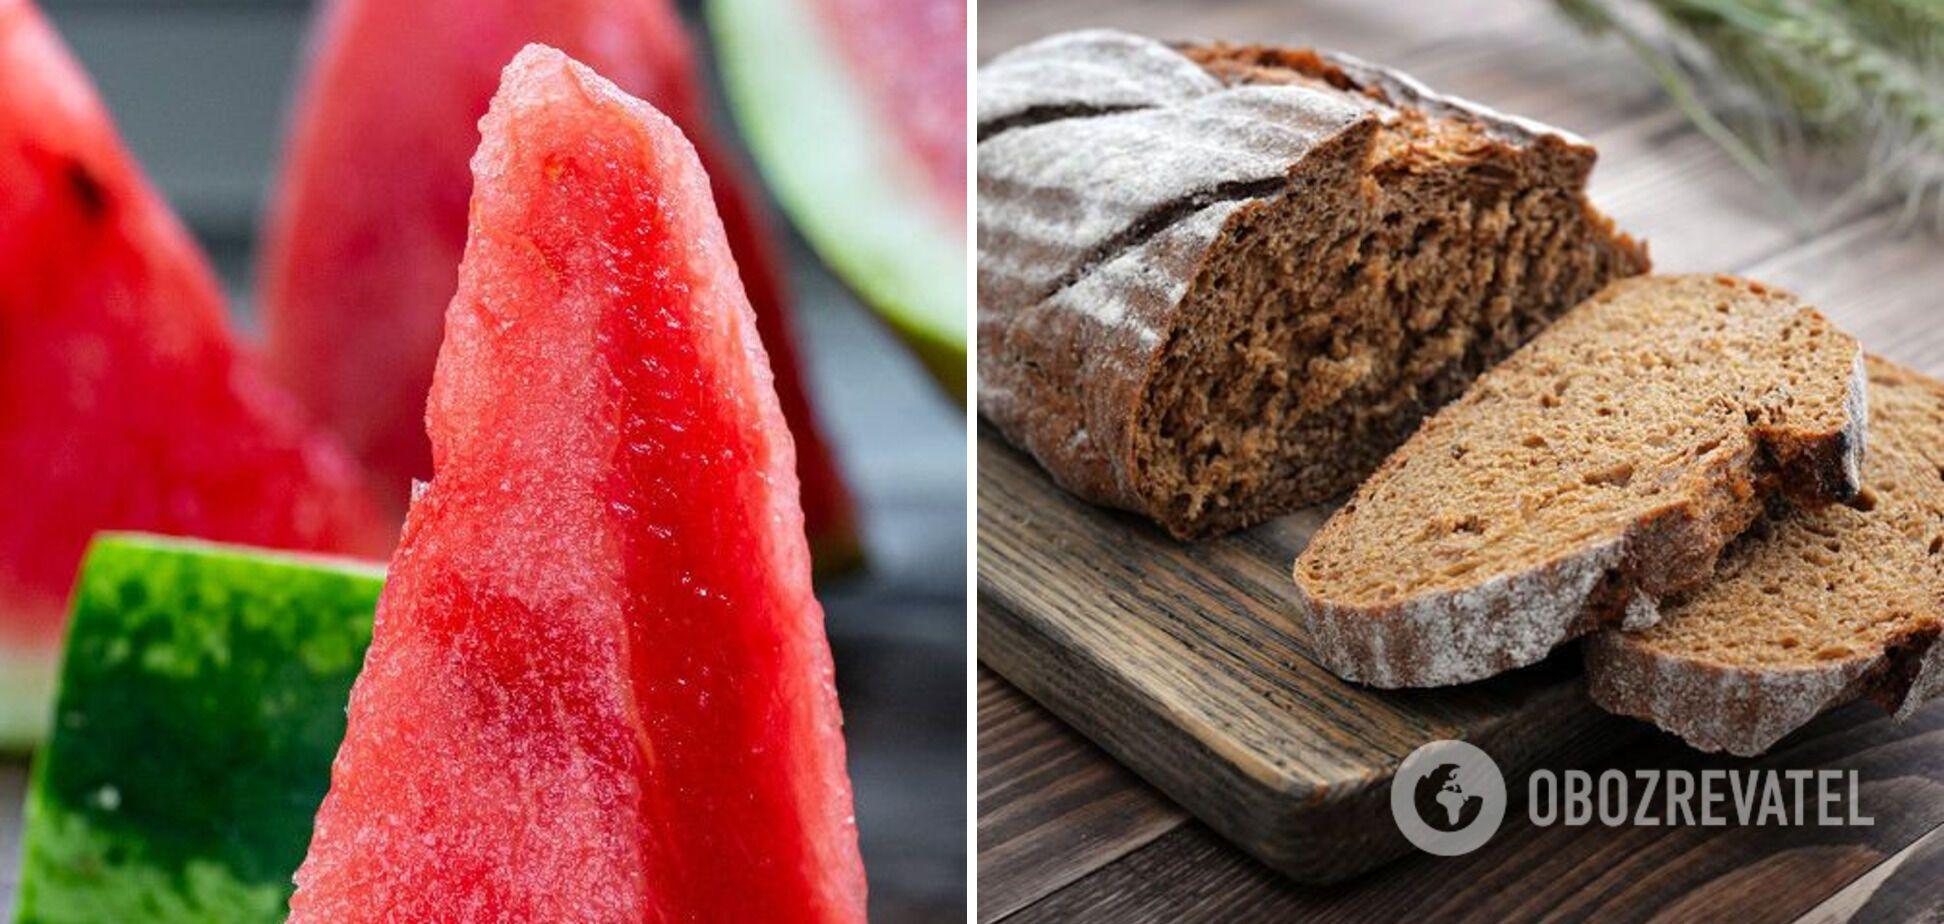 Сочетание арбуза и хлеба